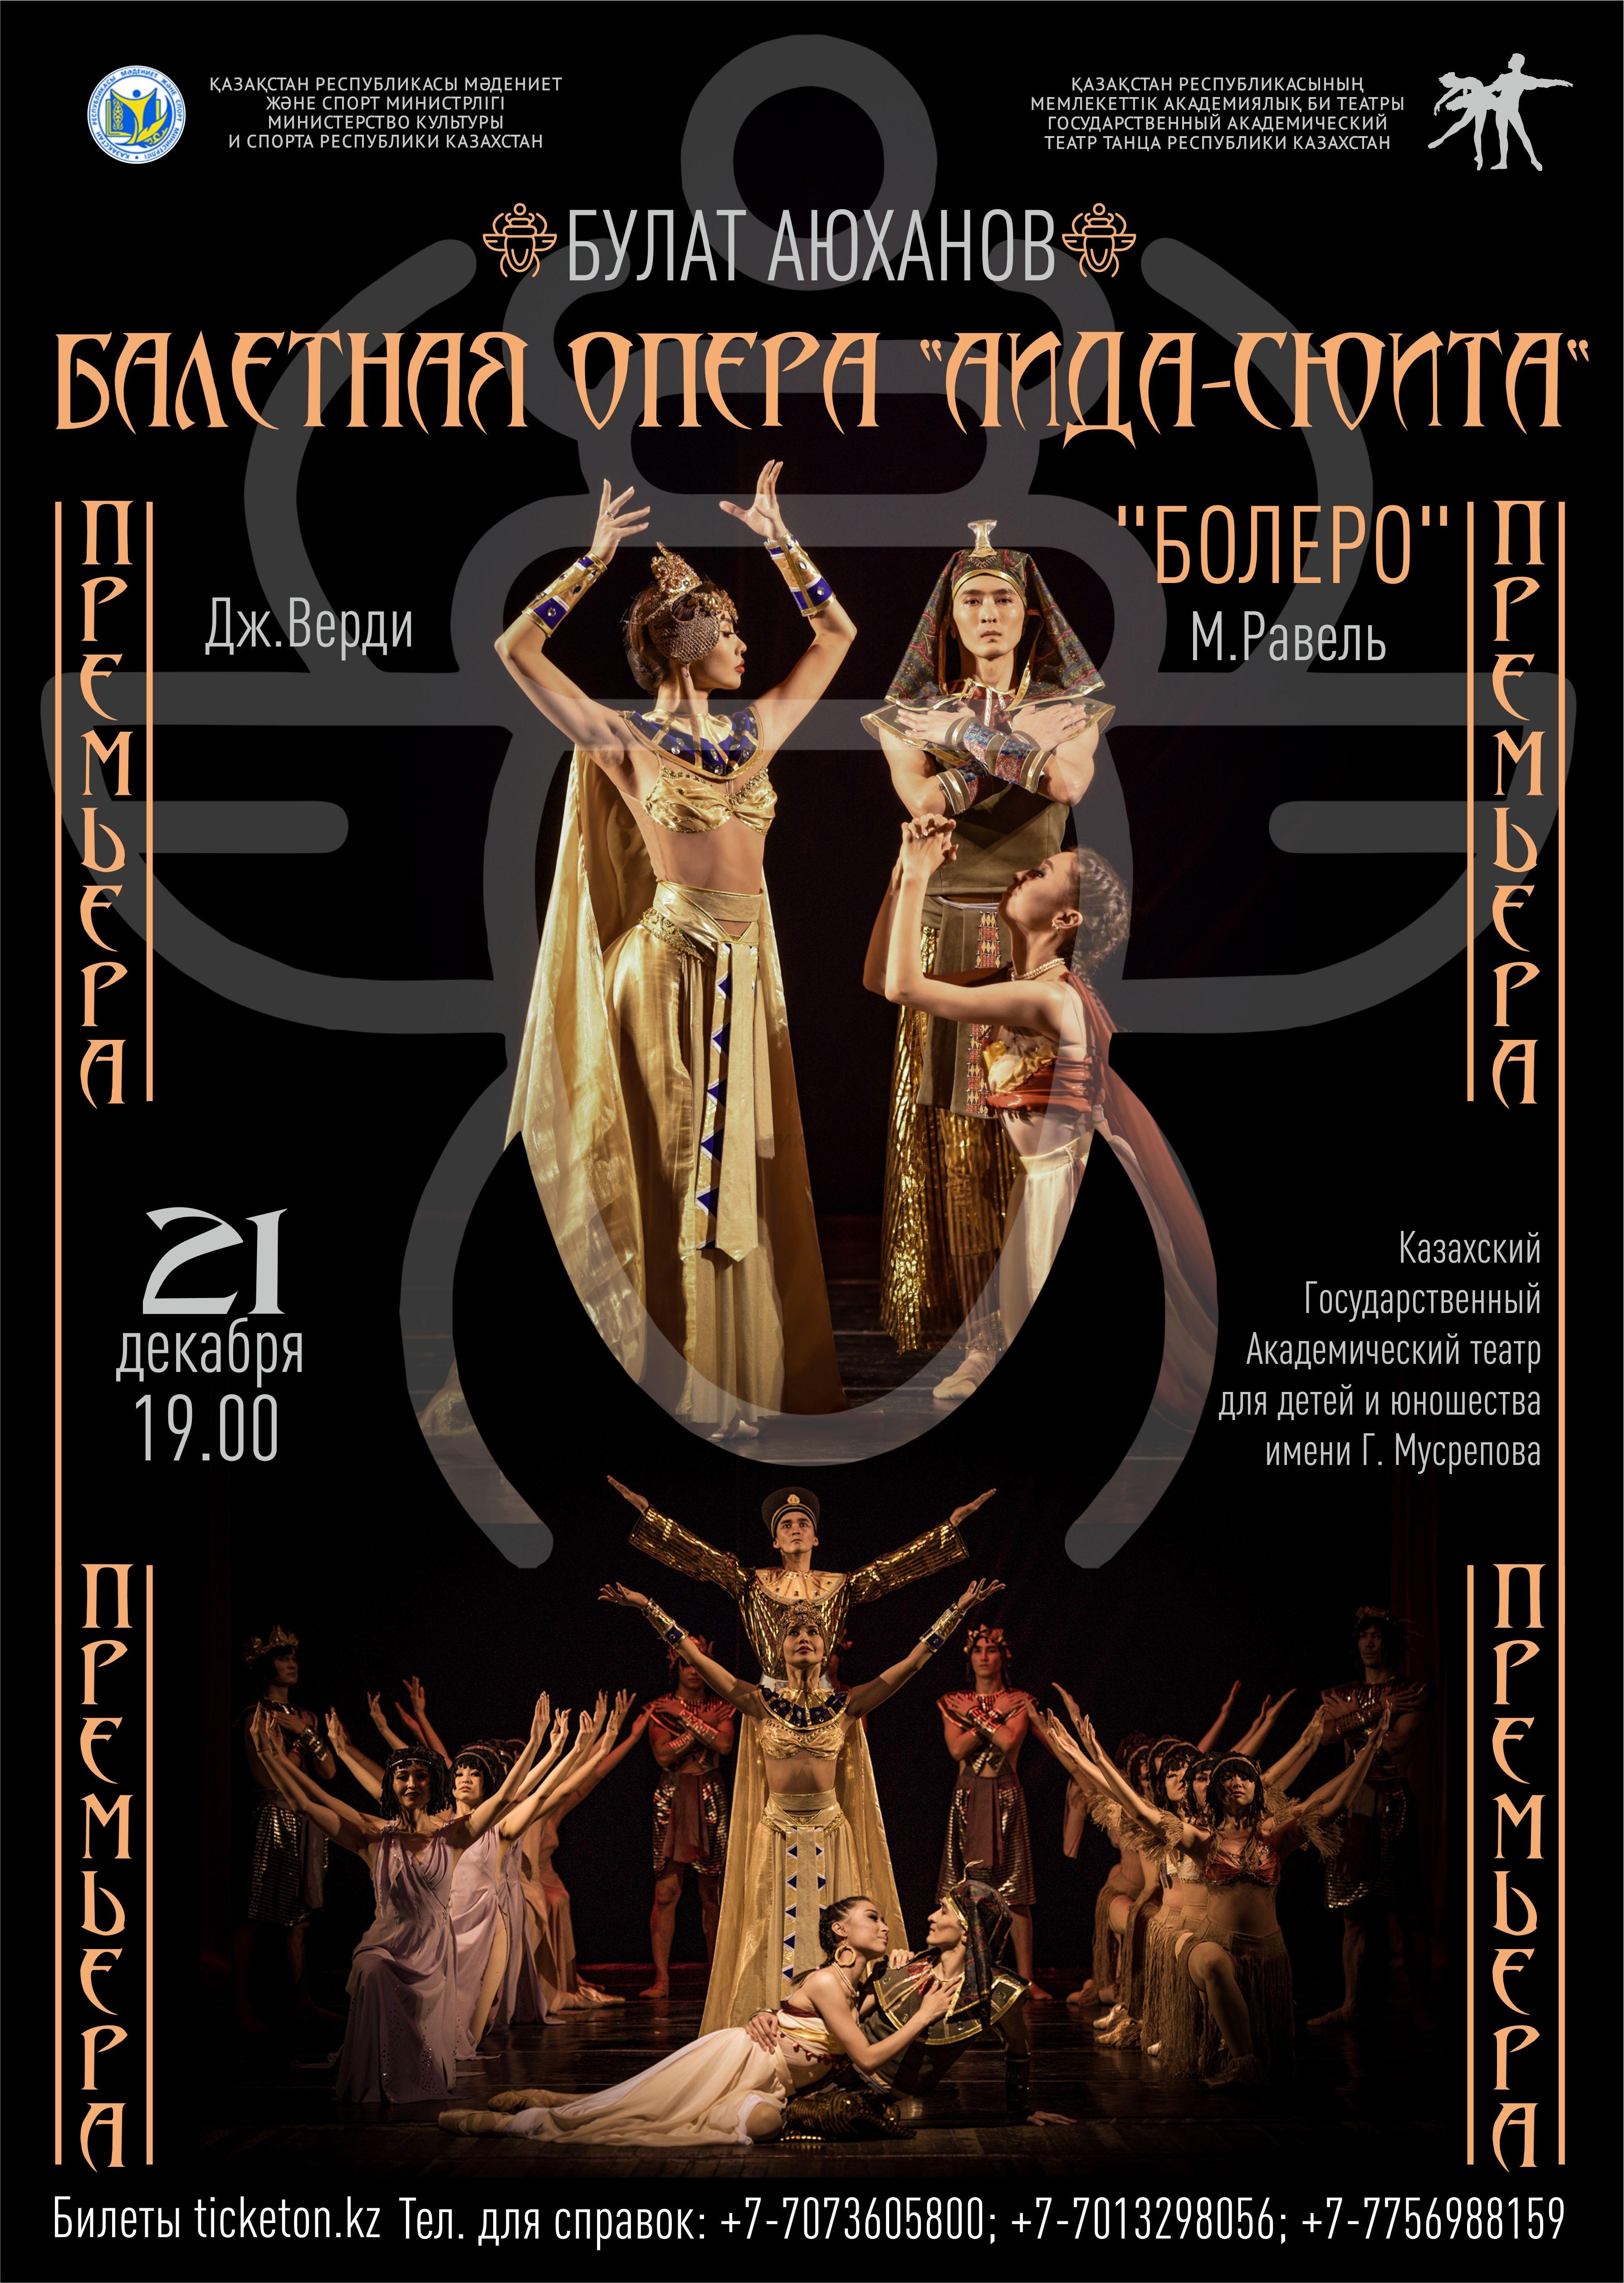 Балетная опера «АИДА - СЮИТА»